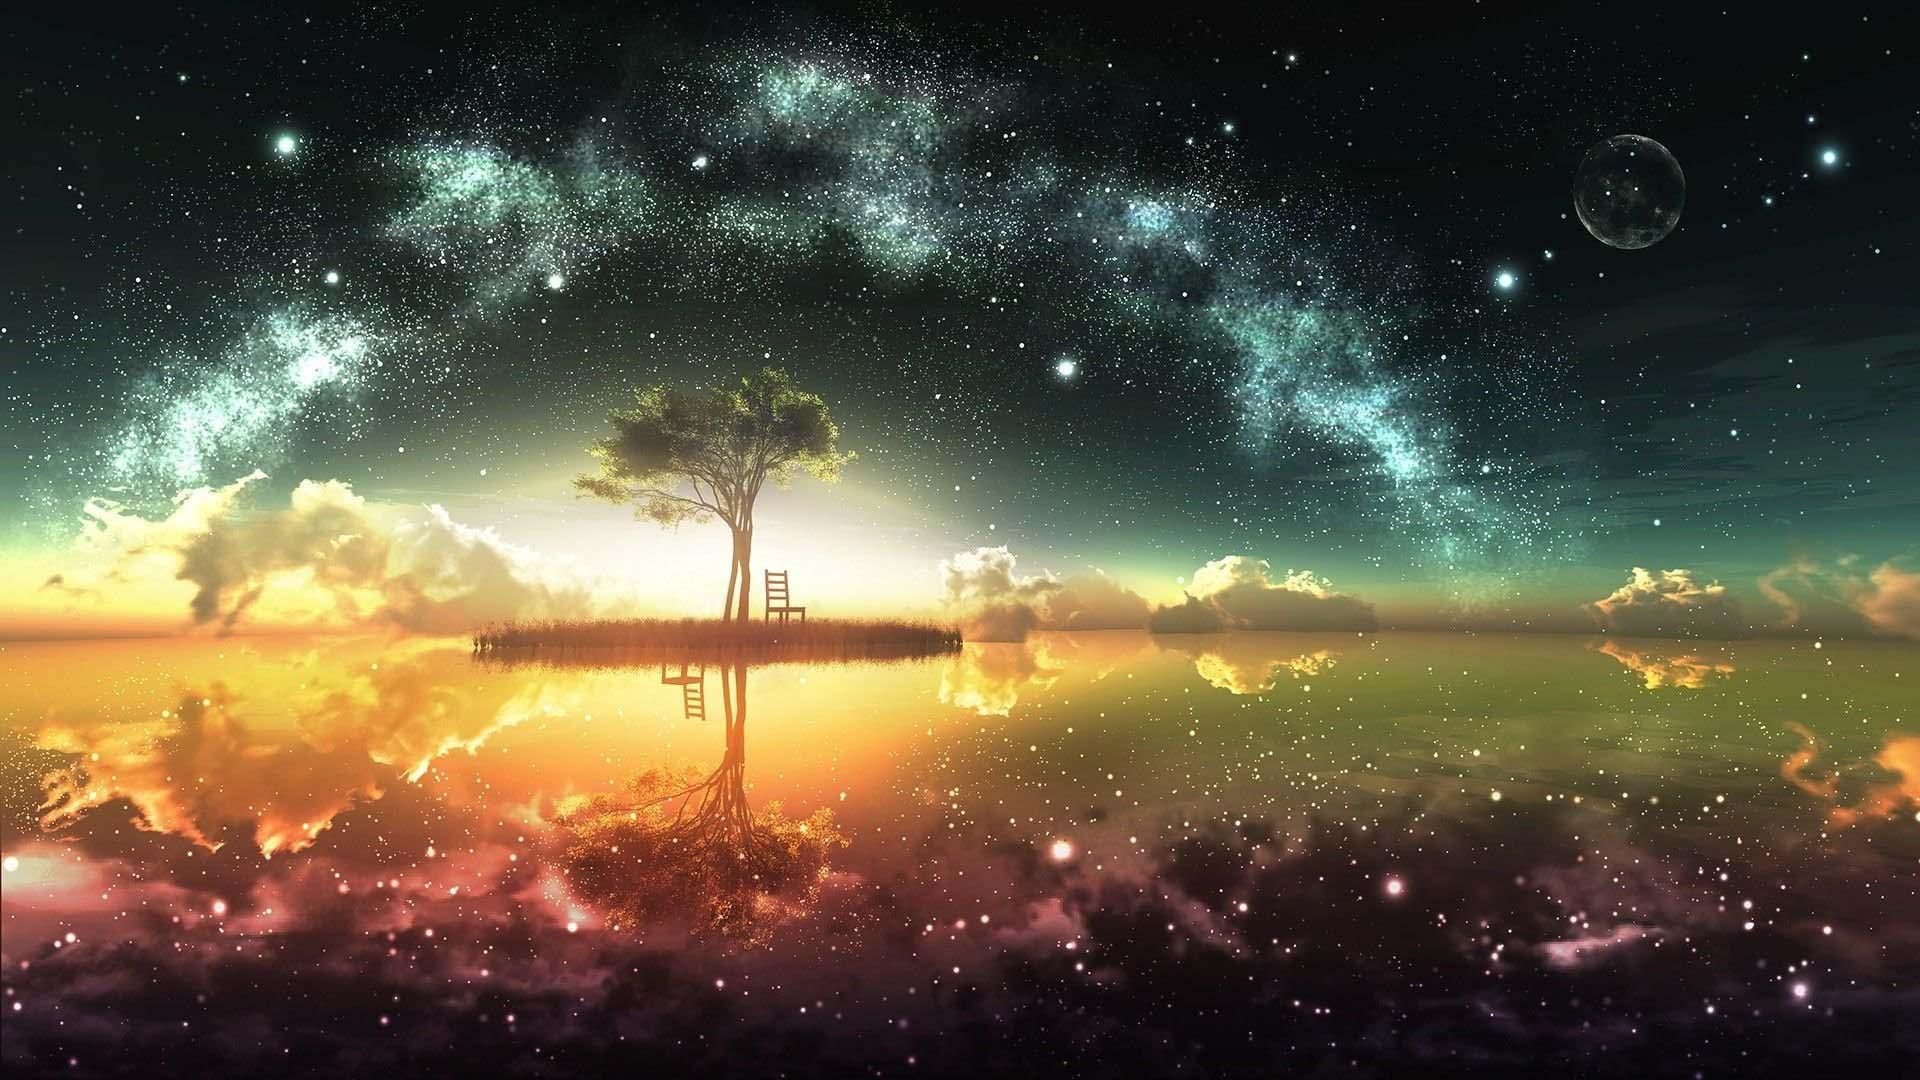 Những ảnh anime galaxy đẹp